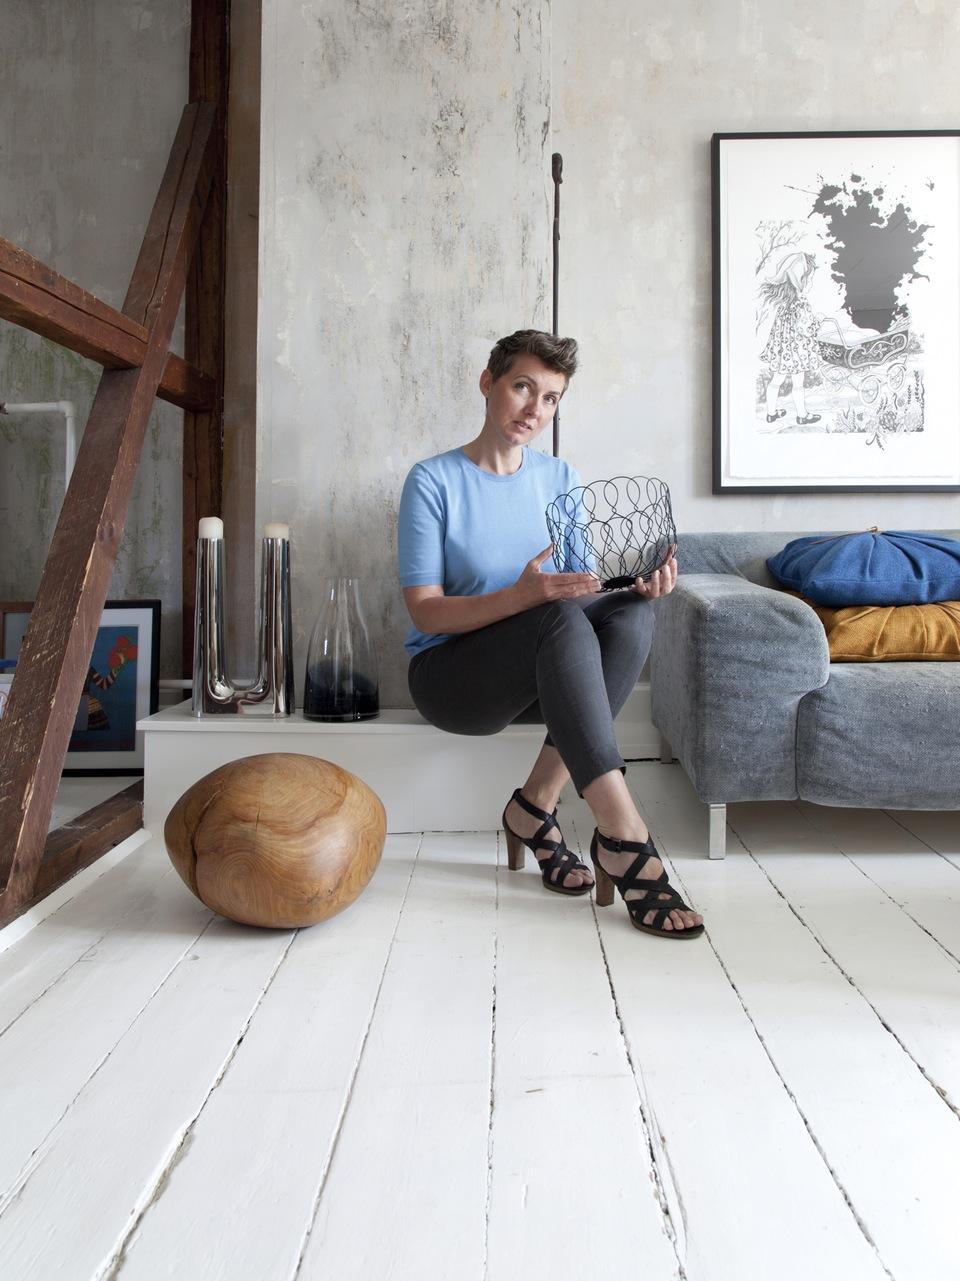 走進設計師的小角落:一窺工業設計師 Rebecca Uth 的哥本哈根公寓